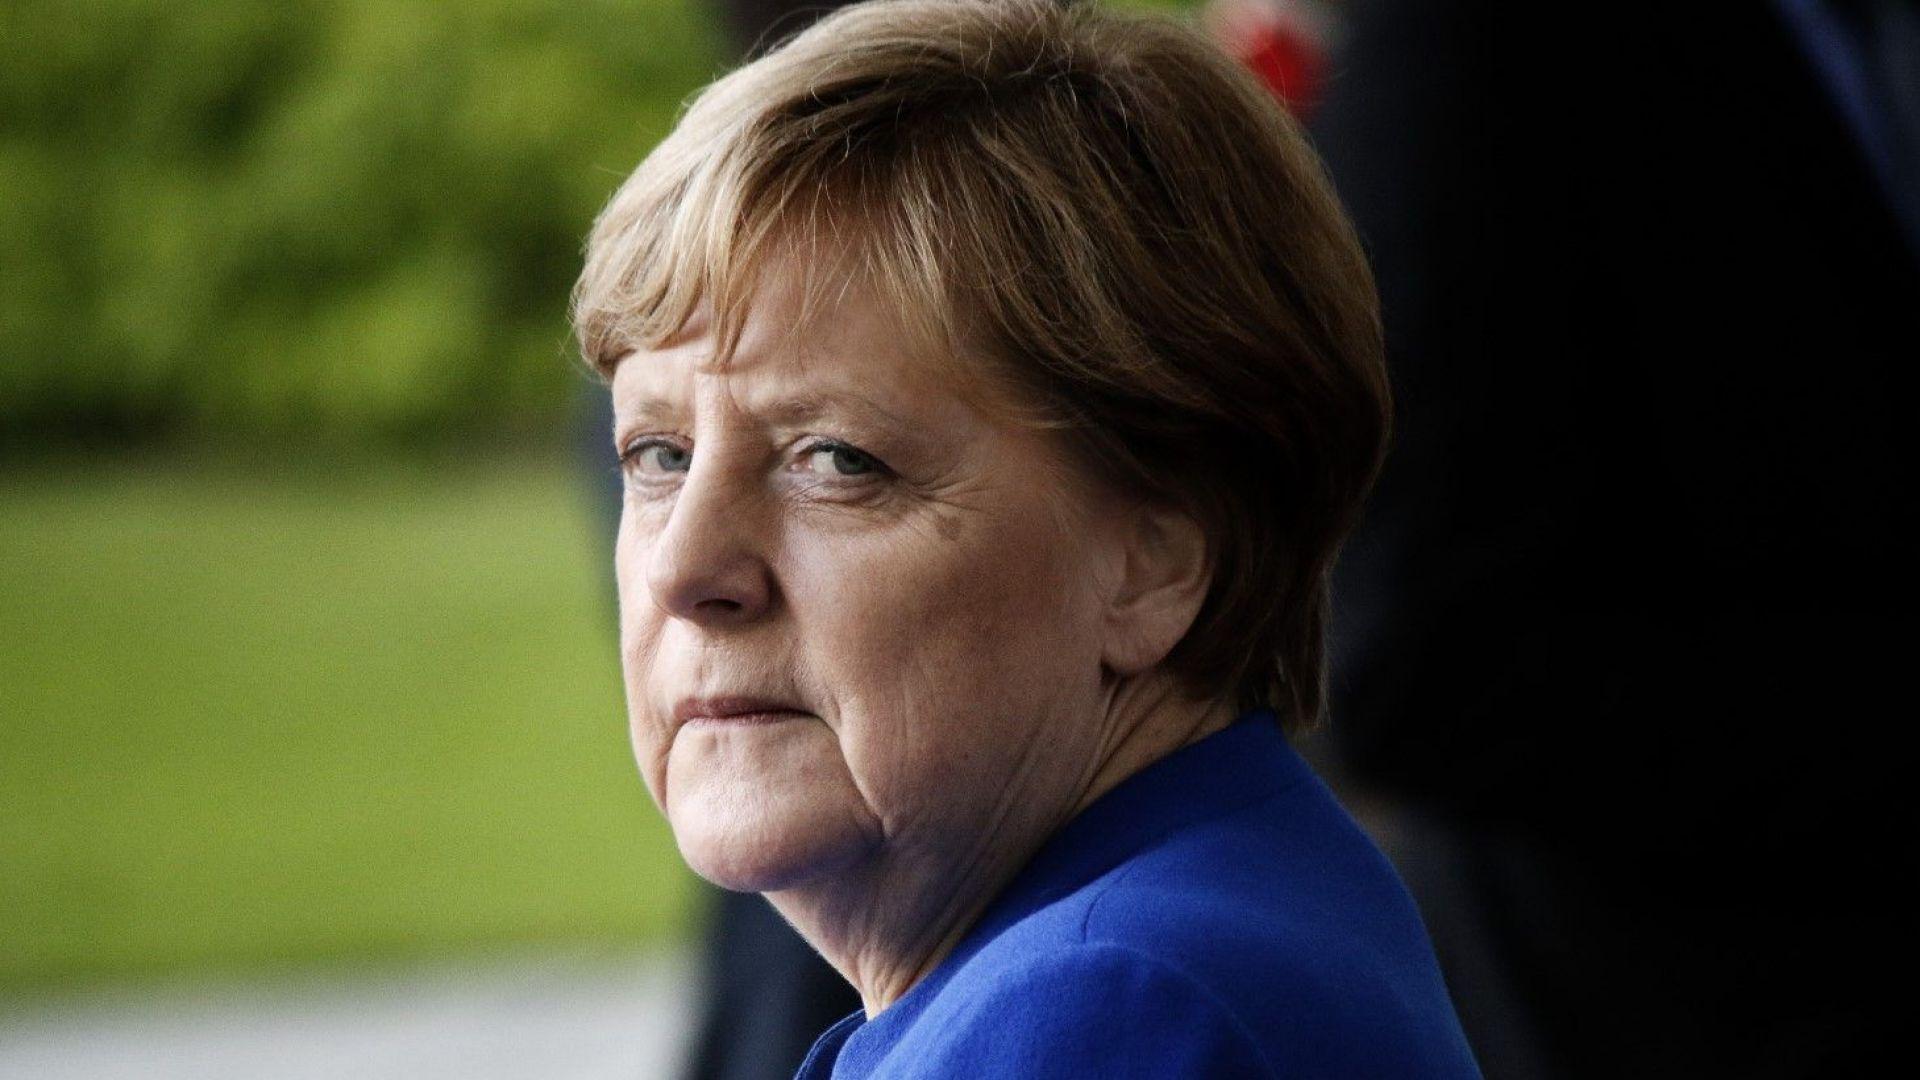 Меркел уволни шефа на контраразузнаването заради Кемниц